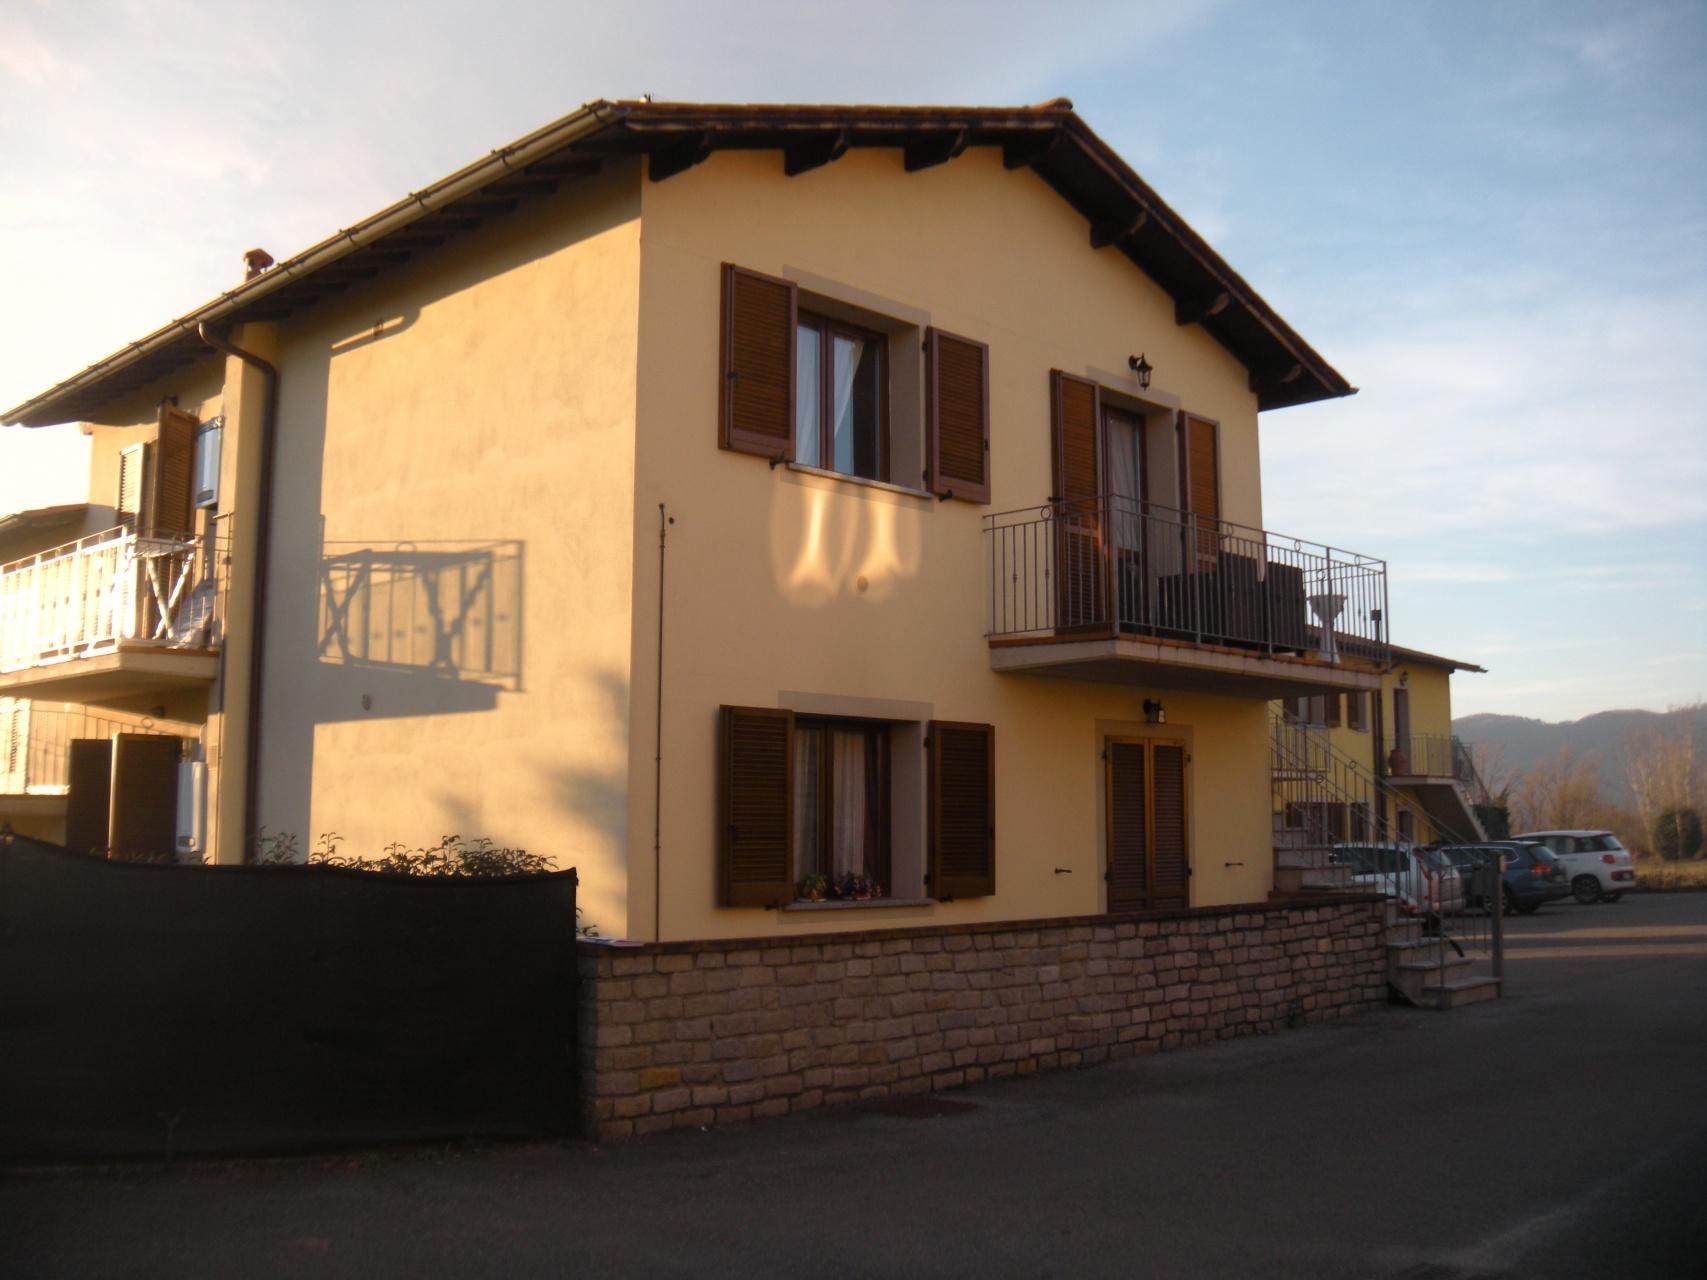 foto Appartamento nuovo 75m2 Barga, Lucca